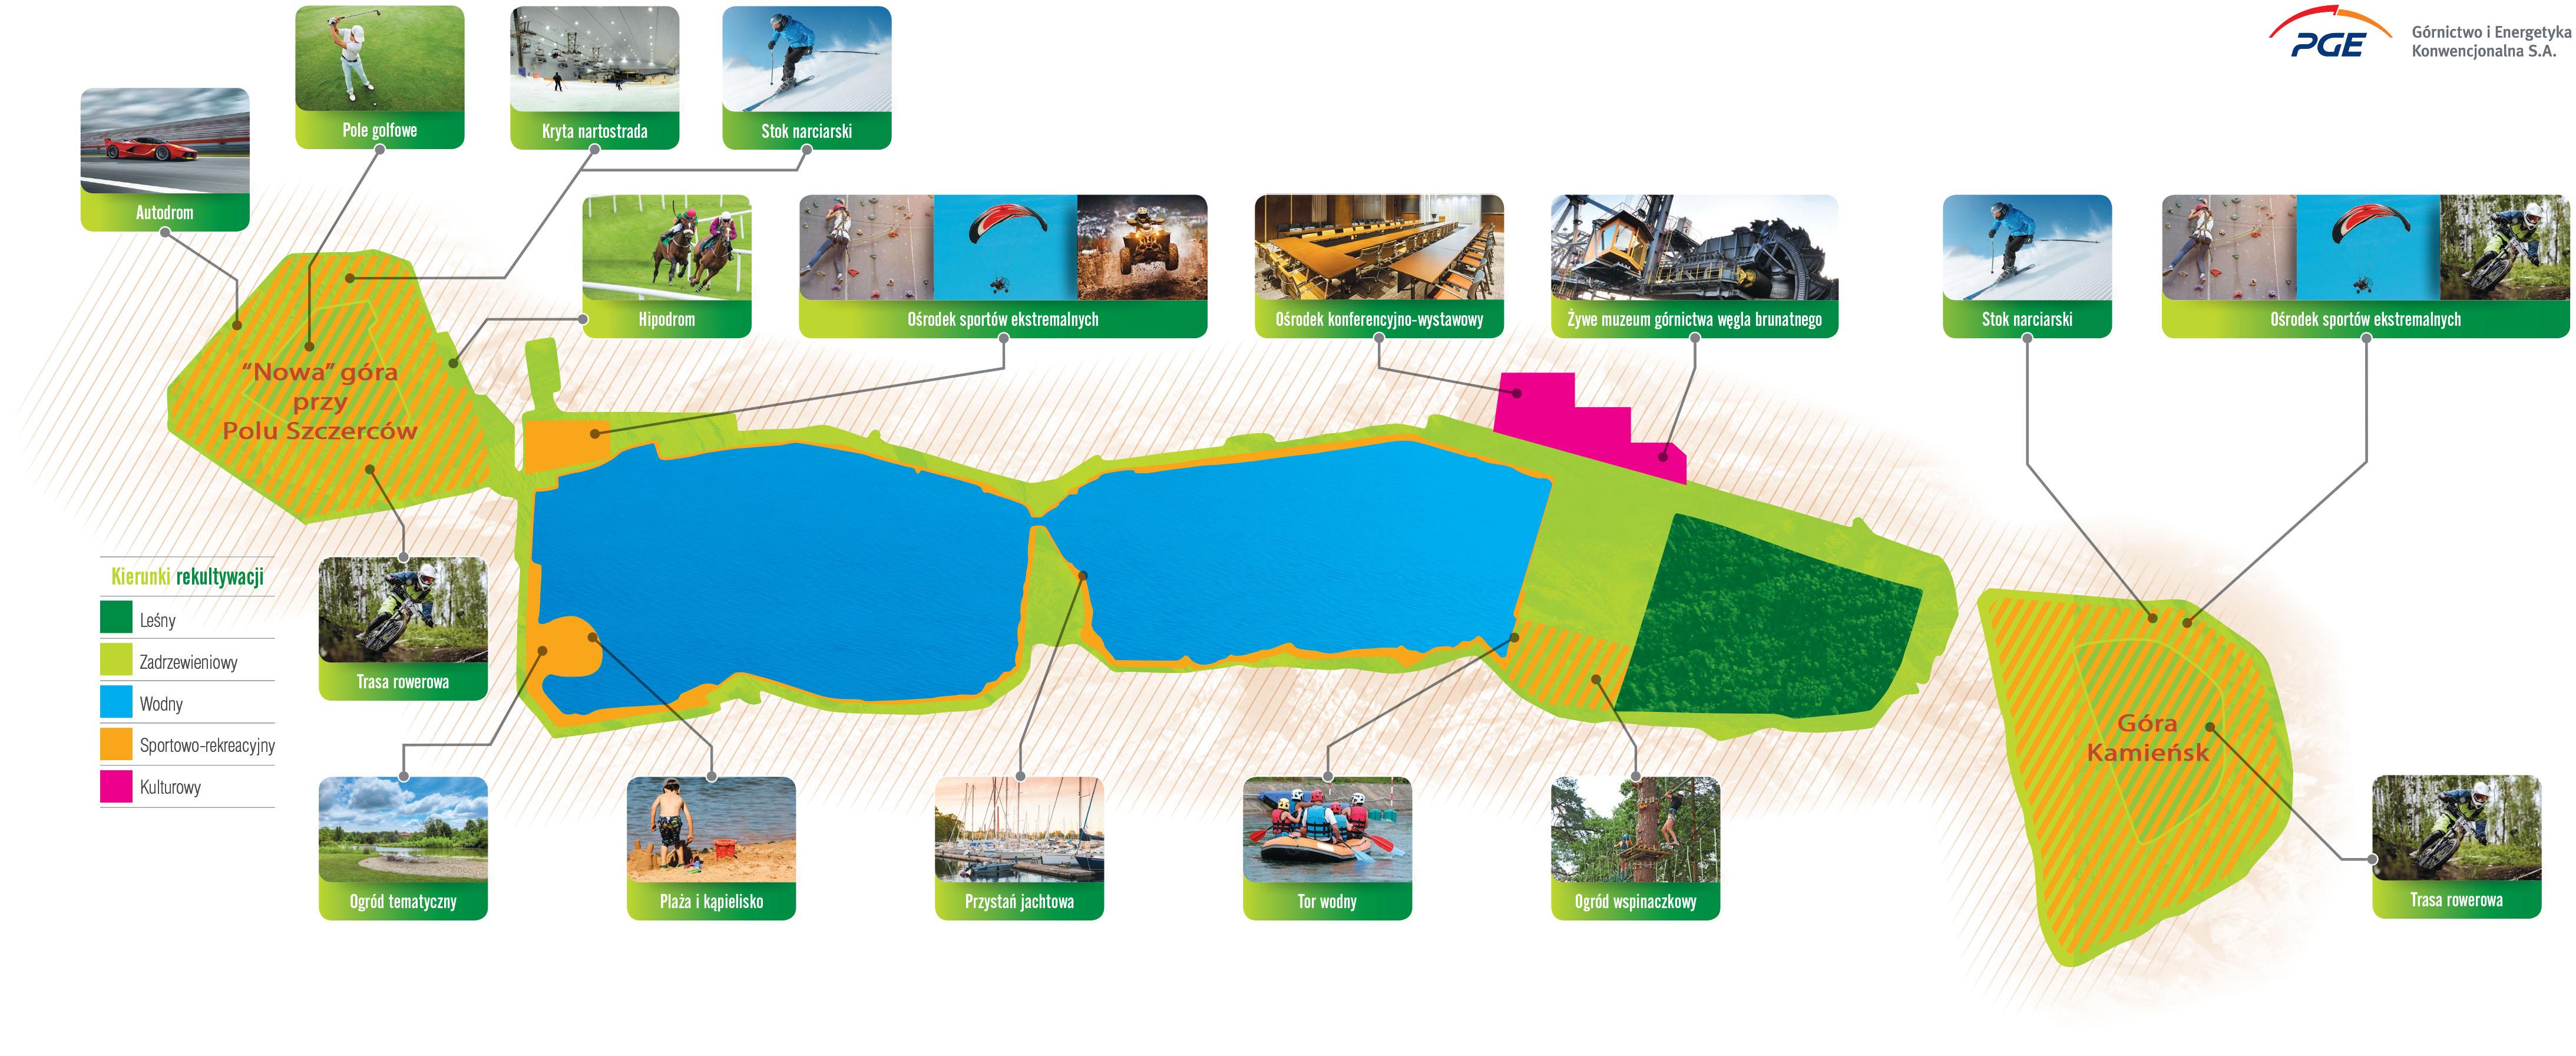 Schemat zagospodarowania kopalni Bełchatów